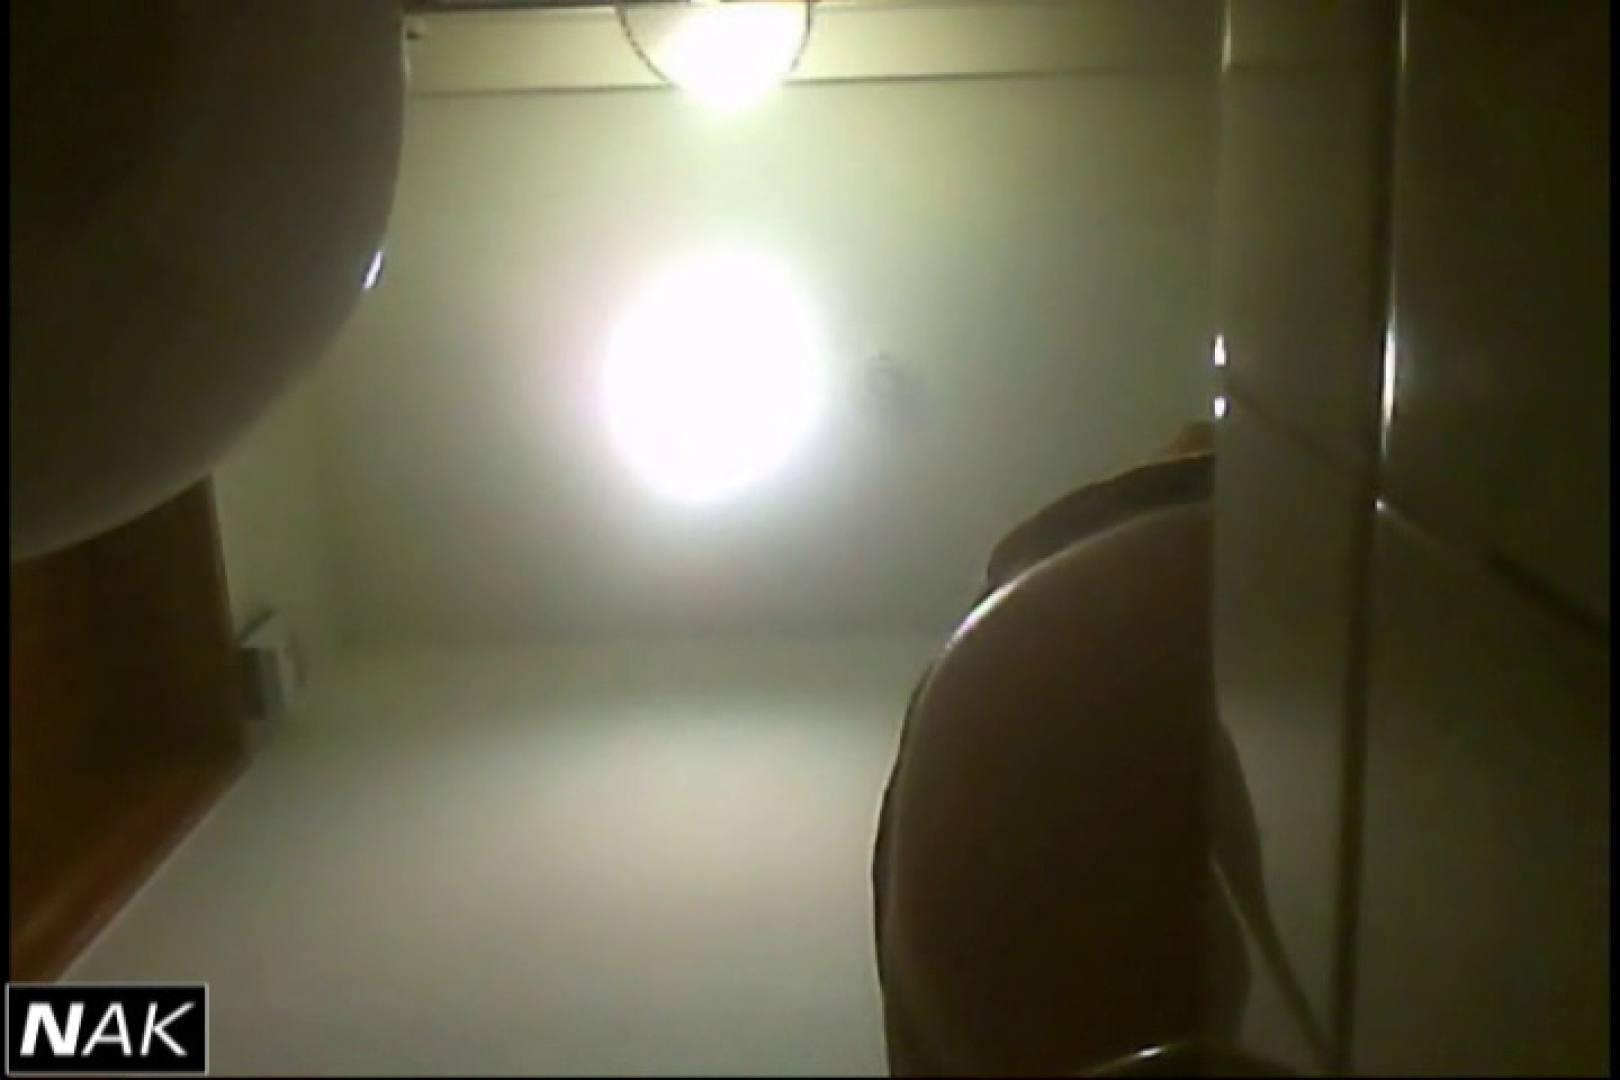 亀さんかわや VIP和式2カメバージョン! vol.06 和式 オメコ動画キャプチャ 97PIX 55